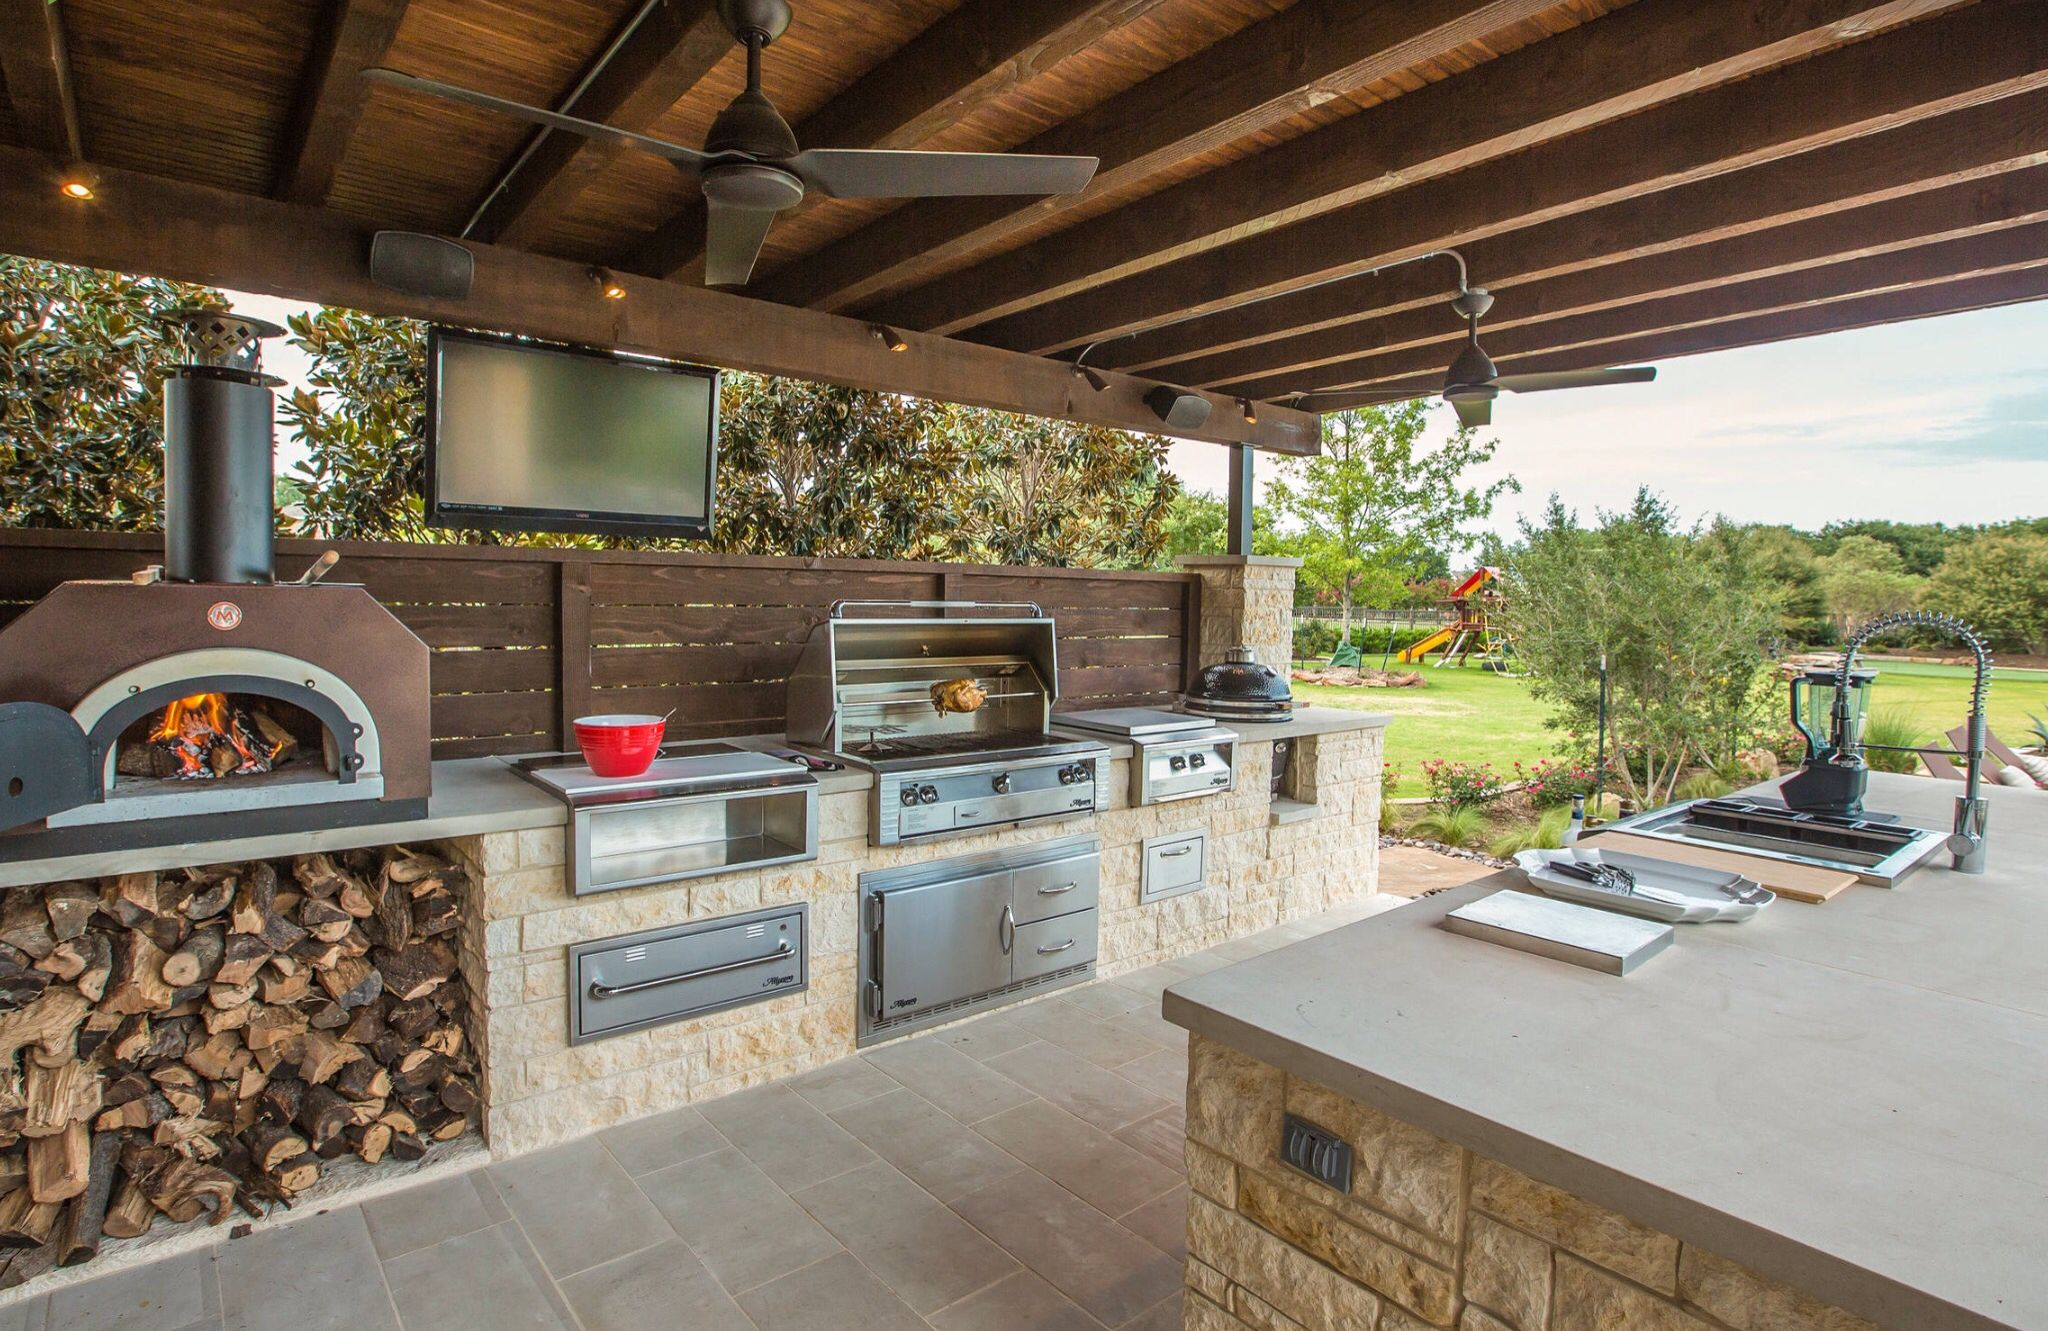 Terraza Cocina Moderna Al Aire Libre Asadores De Patio Parrilla Integrada